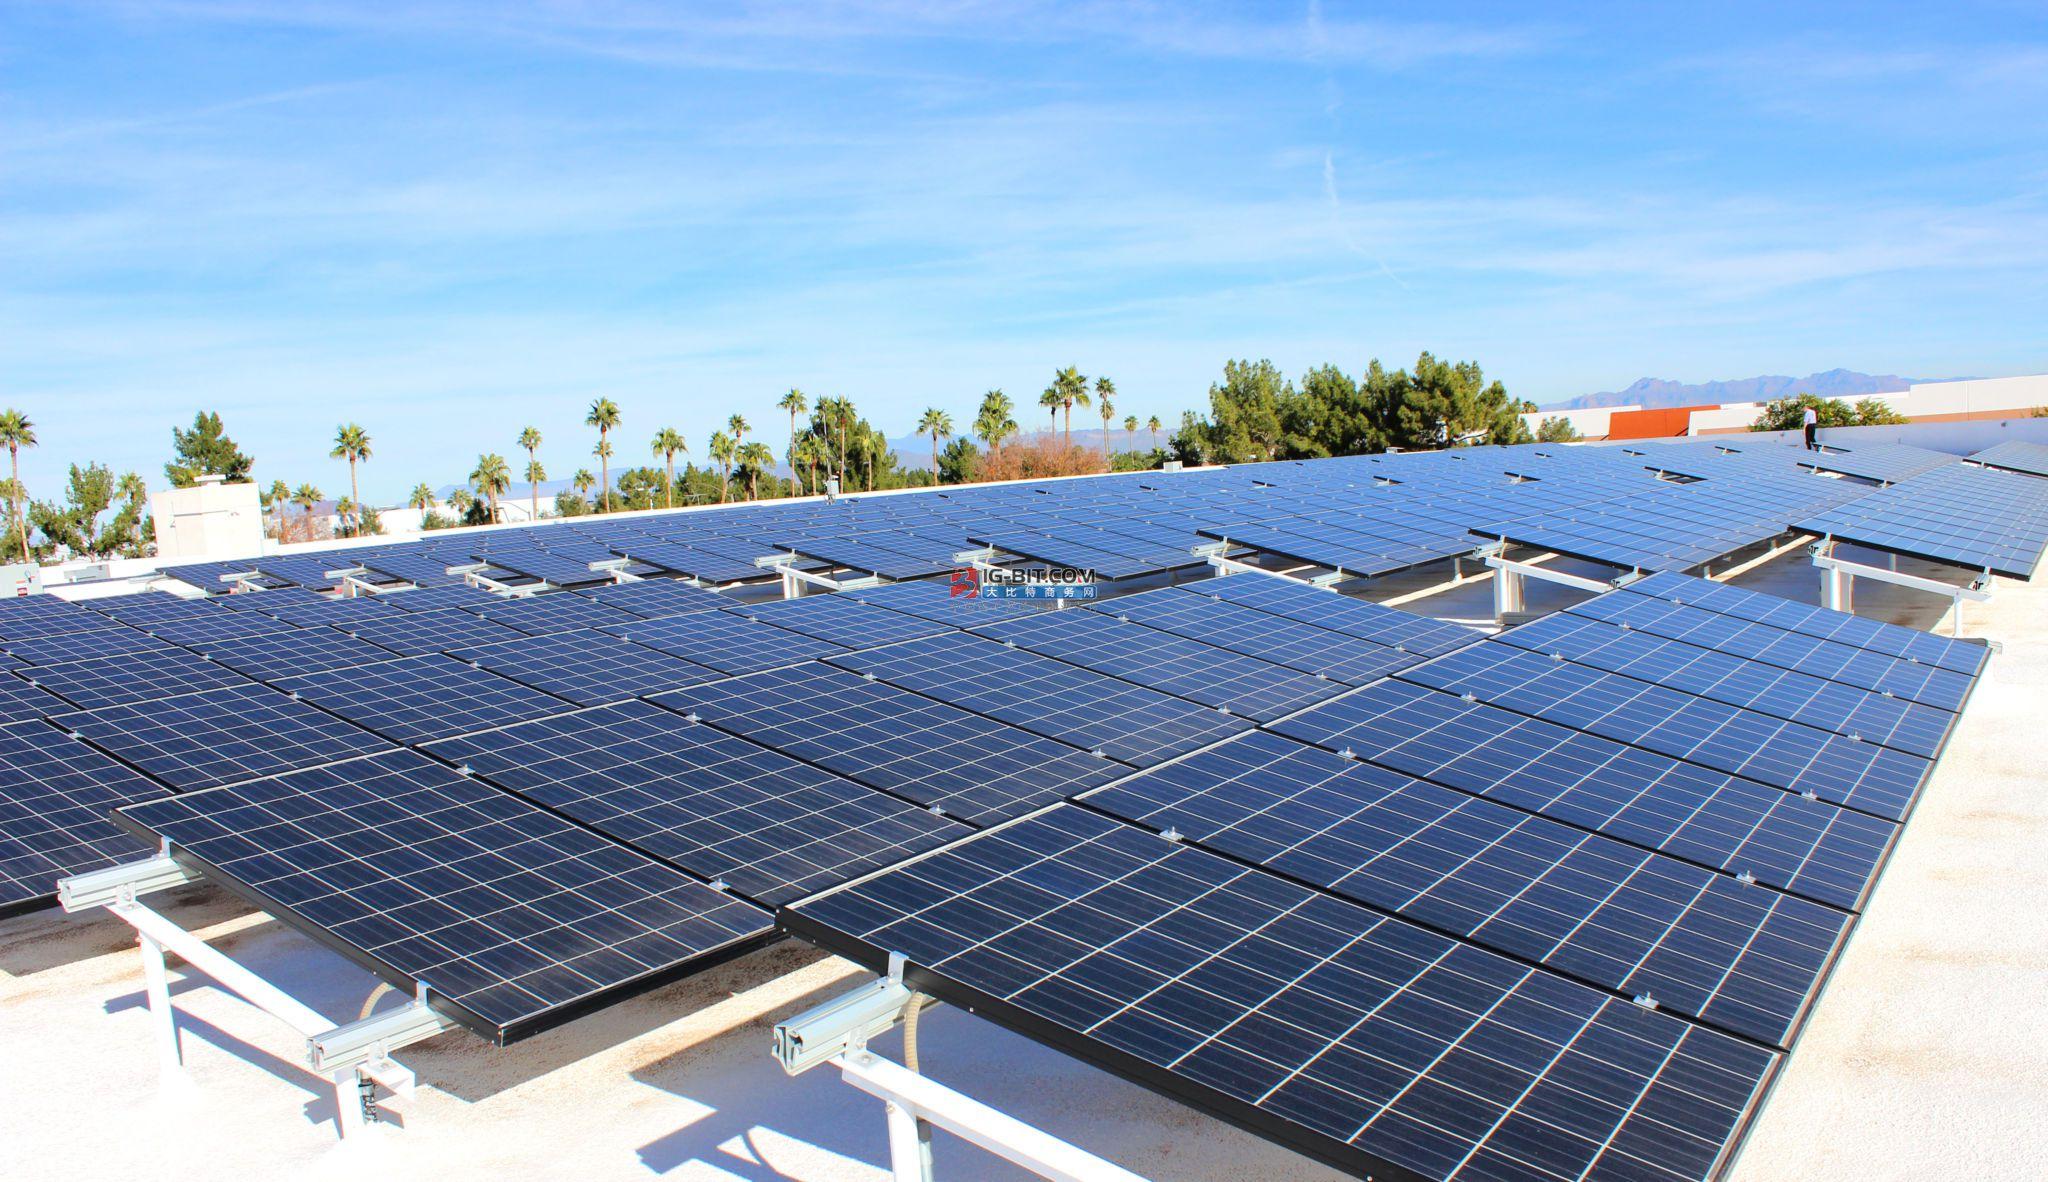 羅馬尼亞將撥款投建戶用屋頂光伏系統